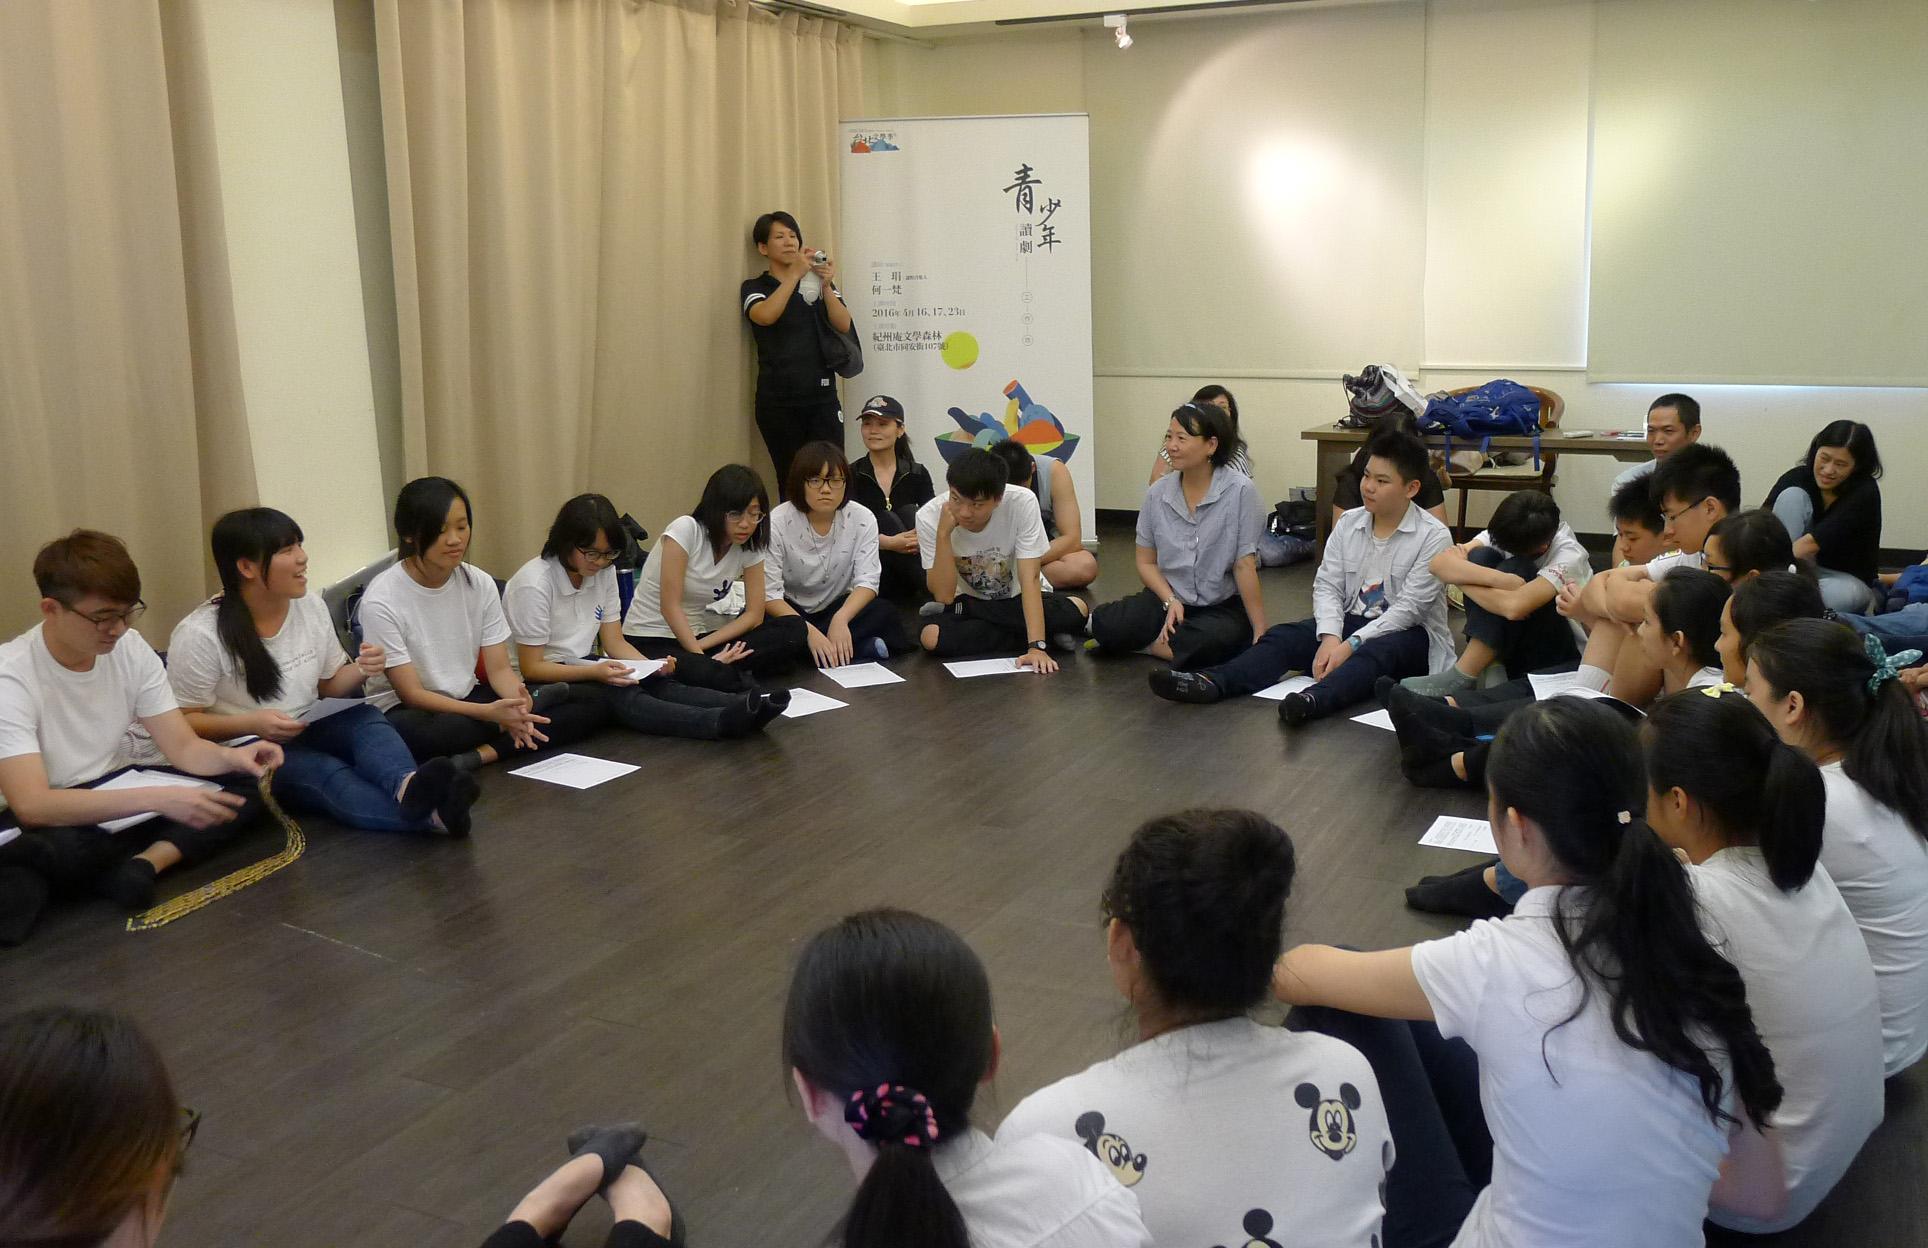 照片:青少年讀劇培訓